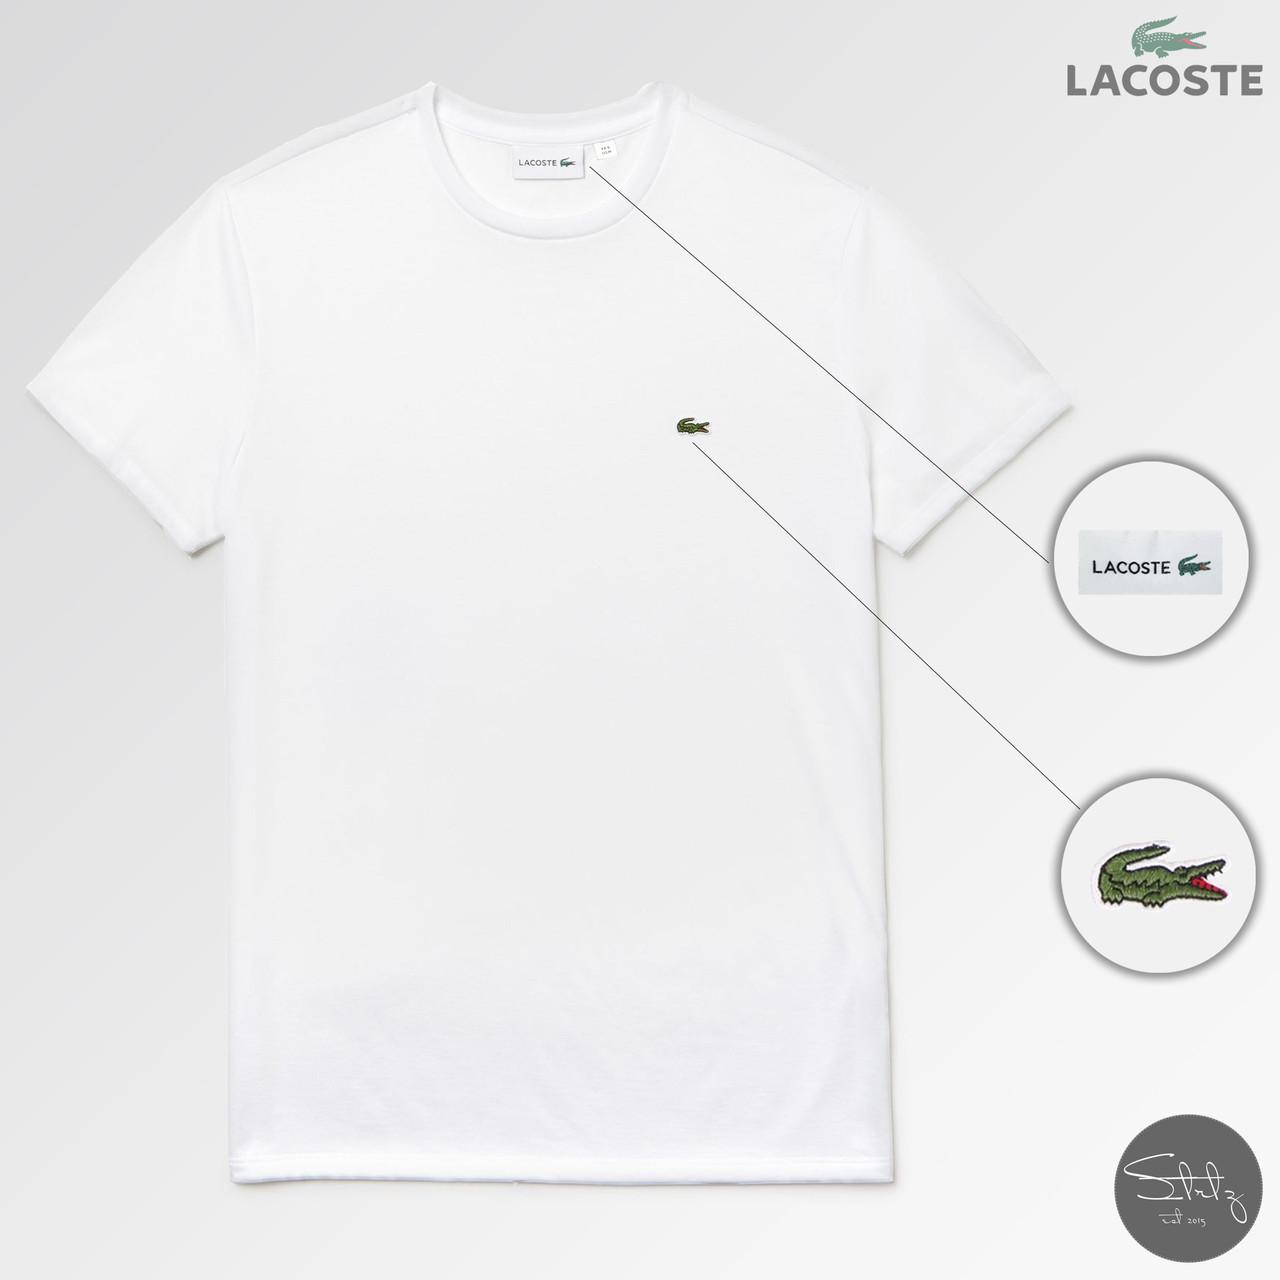 Мужская футболка Lacoste (реплика) лето. Цвет: белый